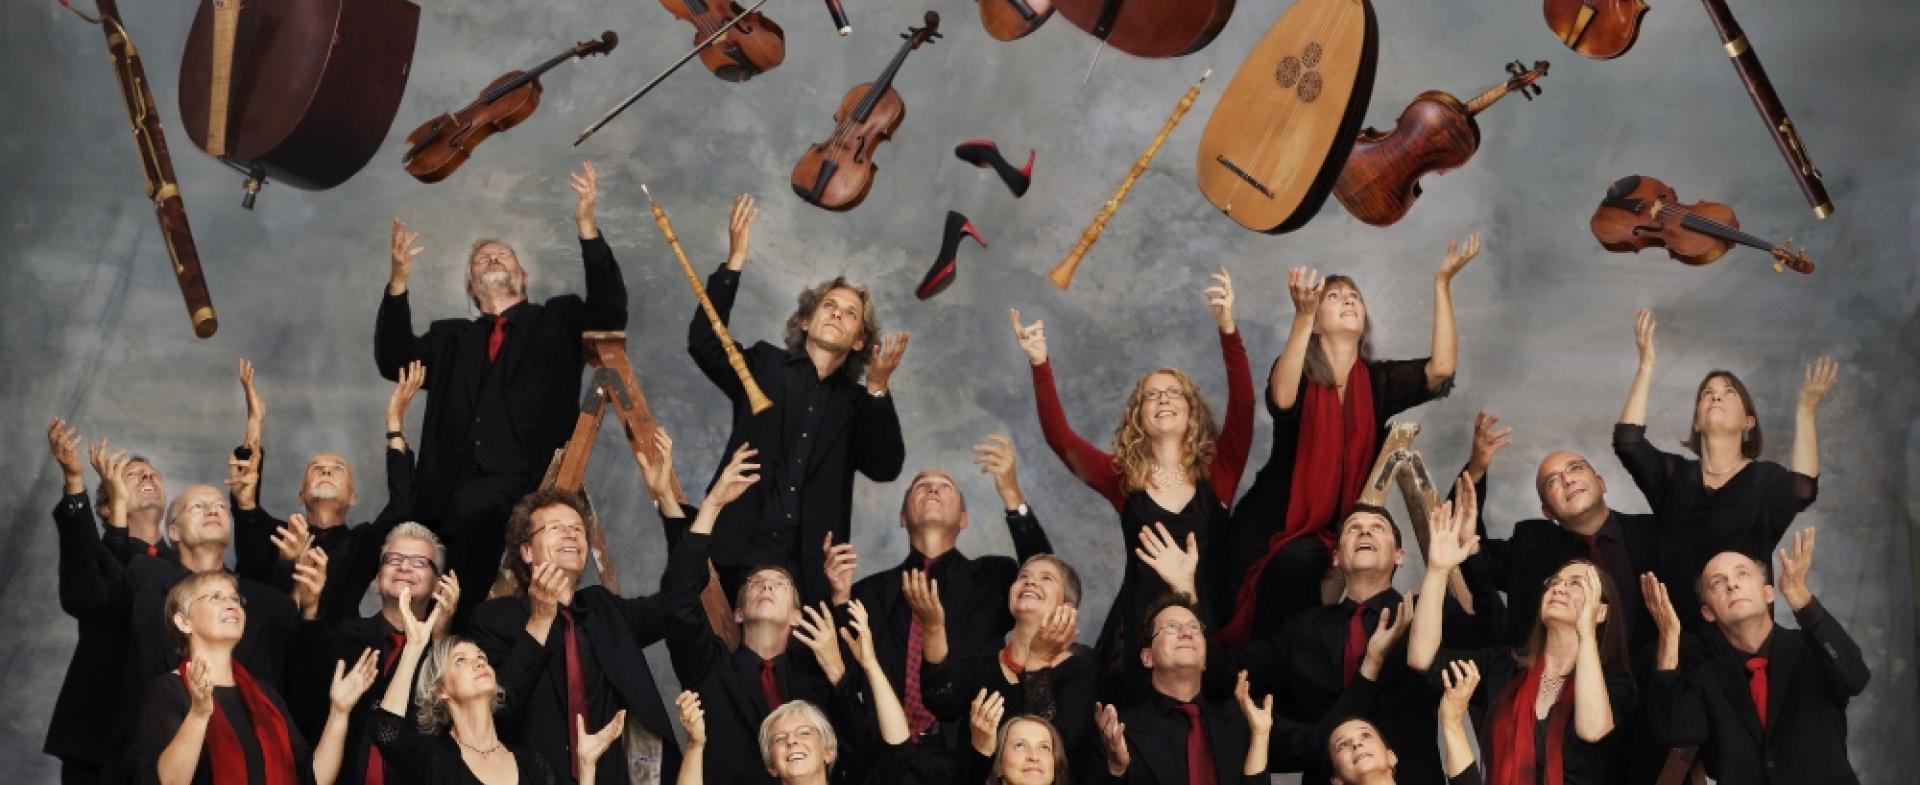 Akademie für alte Musik Berlin. Foto (c) Uwe Arens